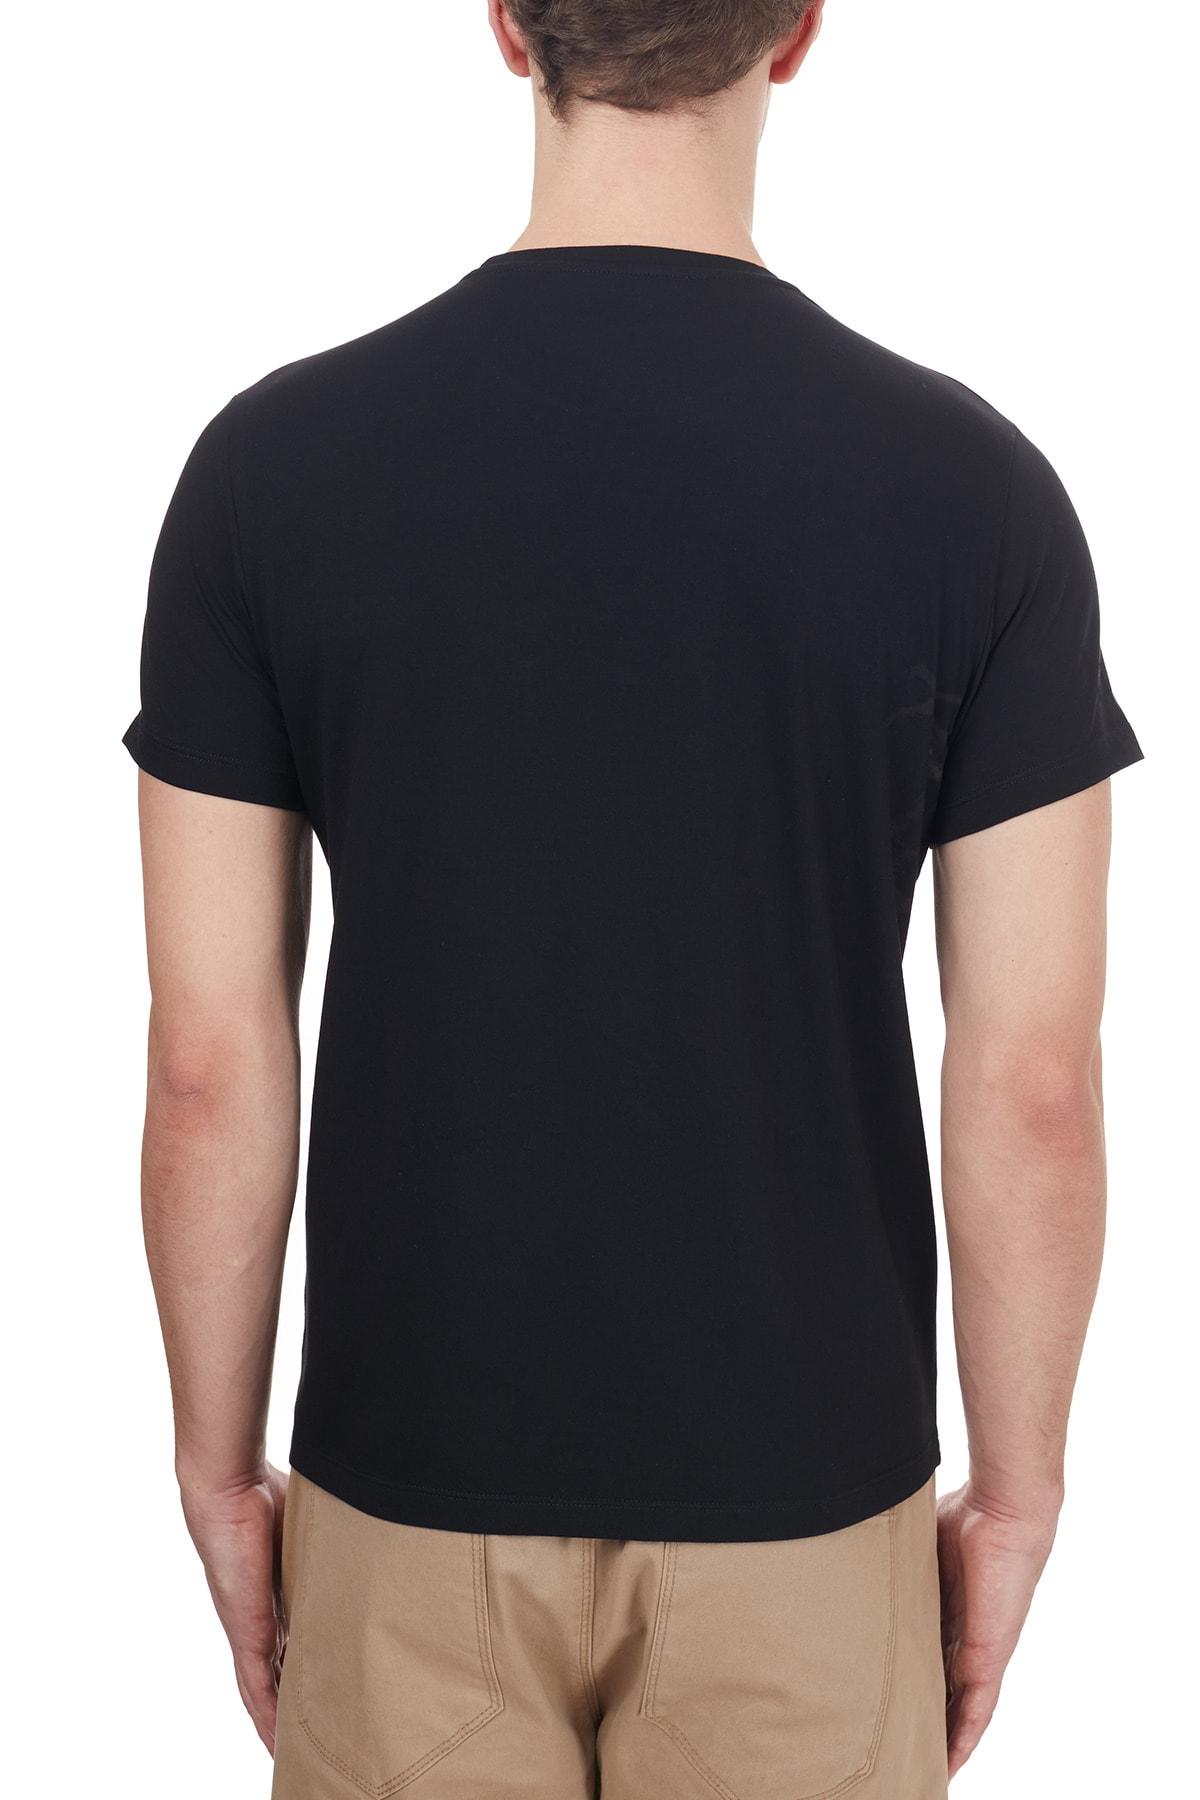 ETRO Pamuklu Baskılı Bisiklet Yaka T Shirt Erkek T Shirt 1y020 97580 001 2